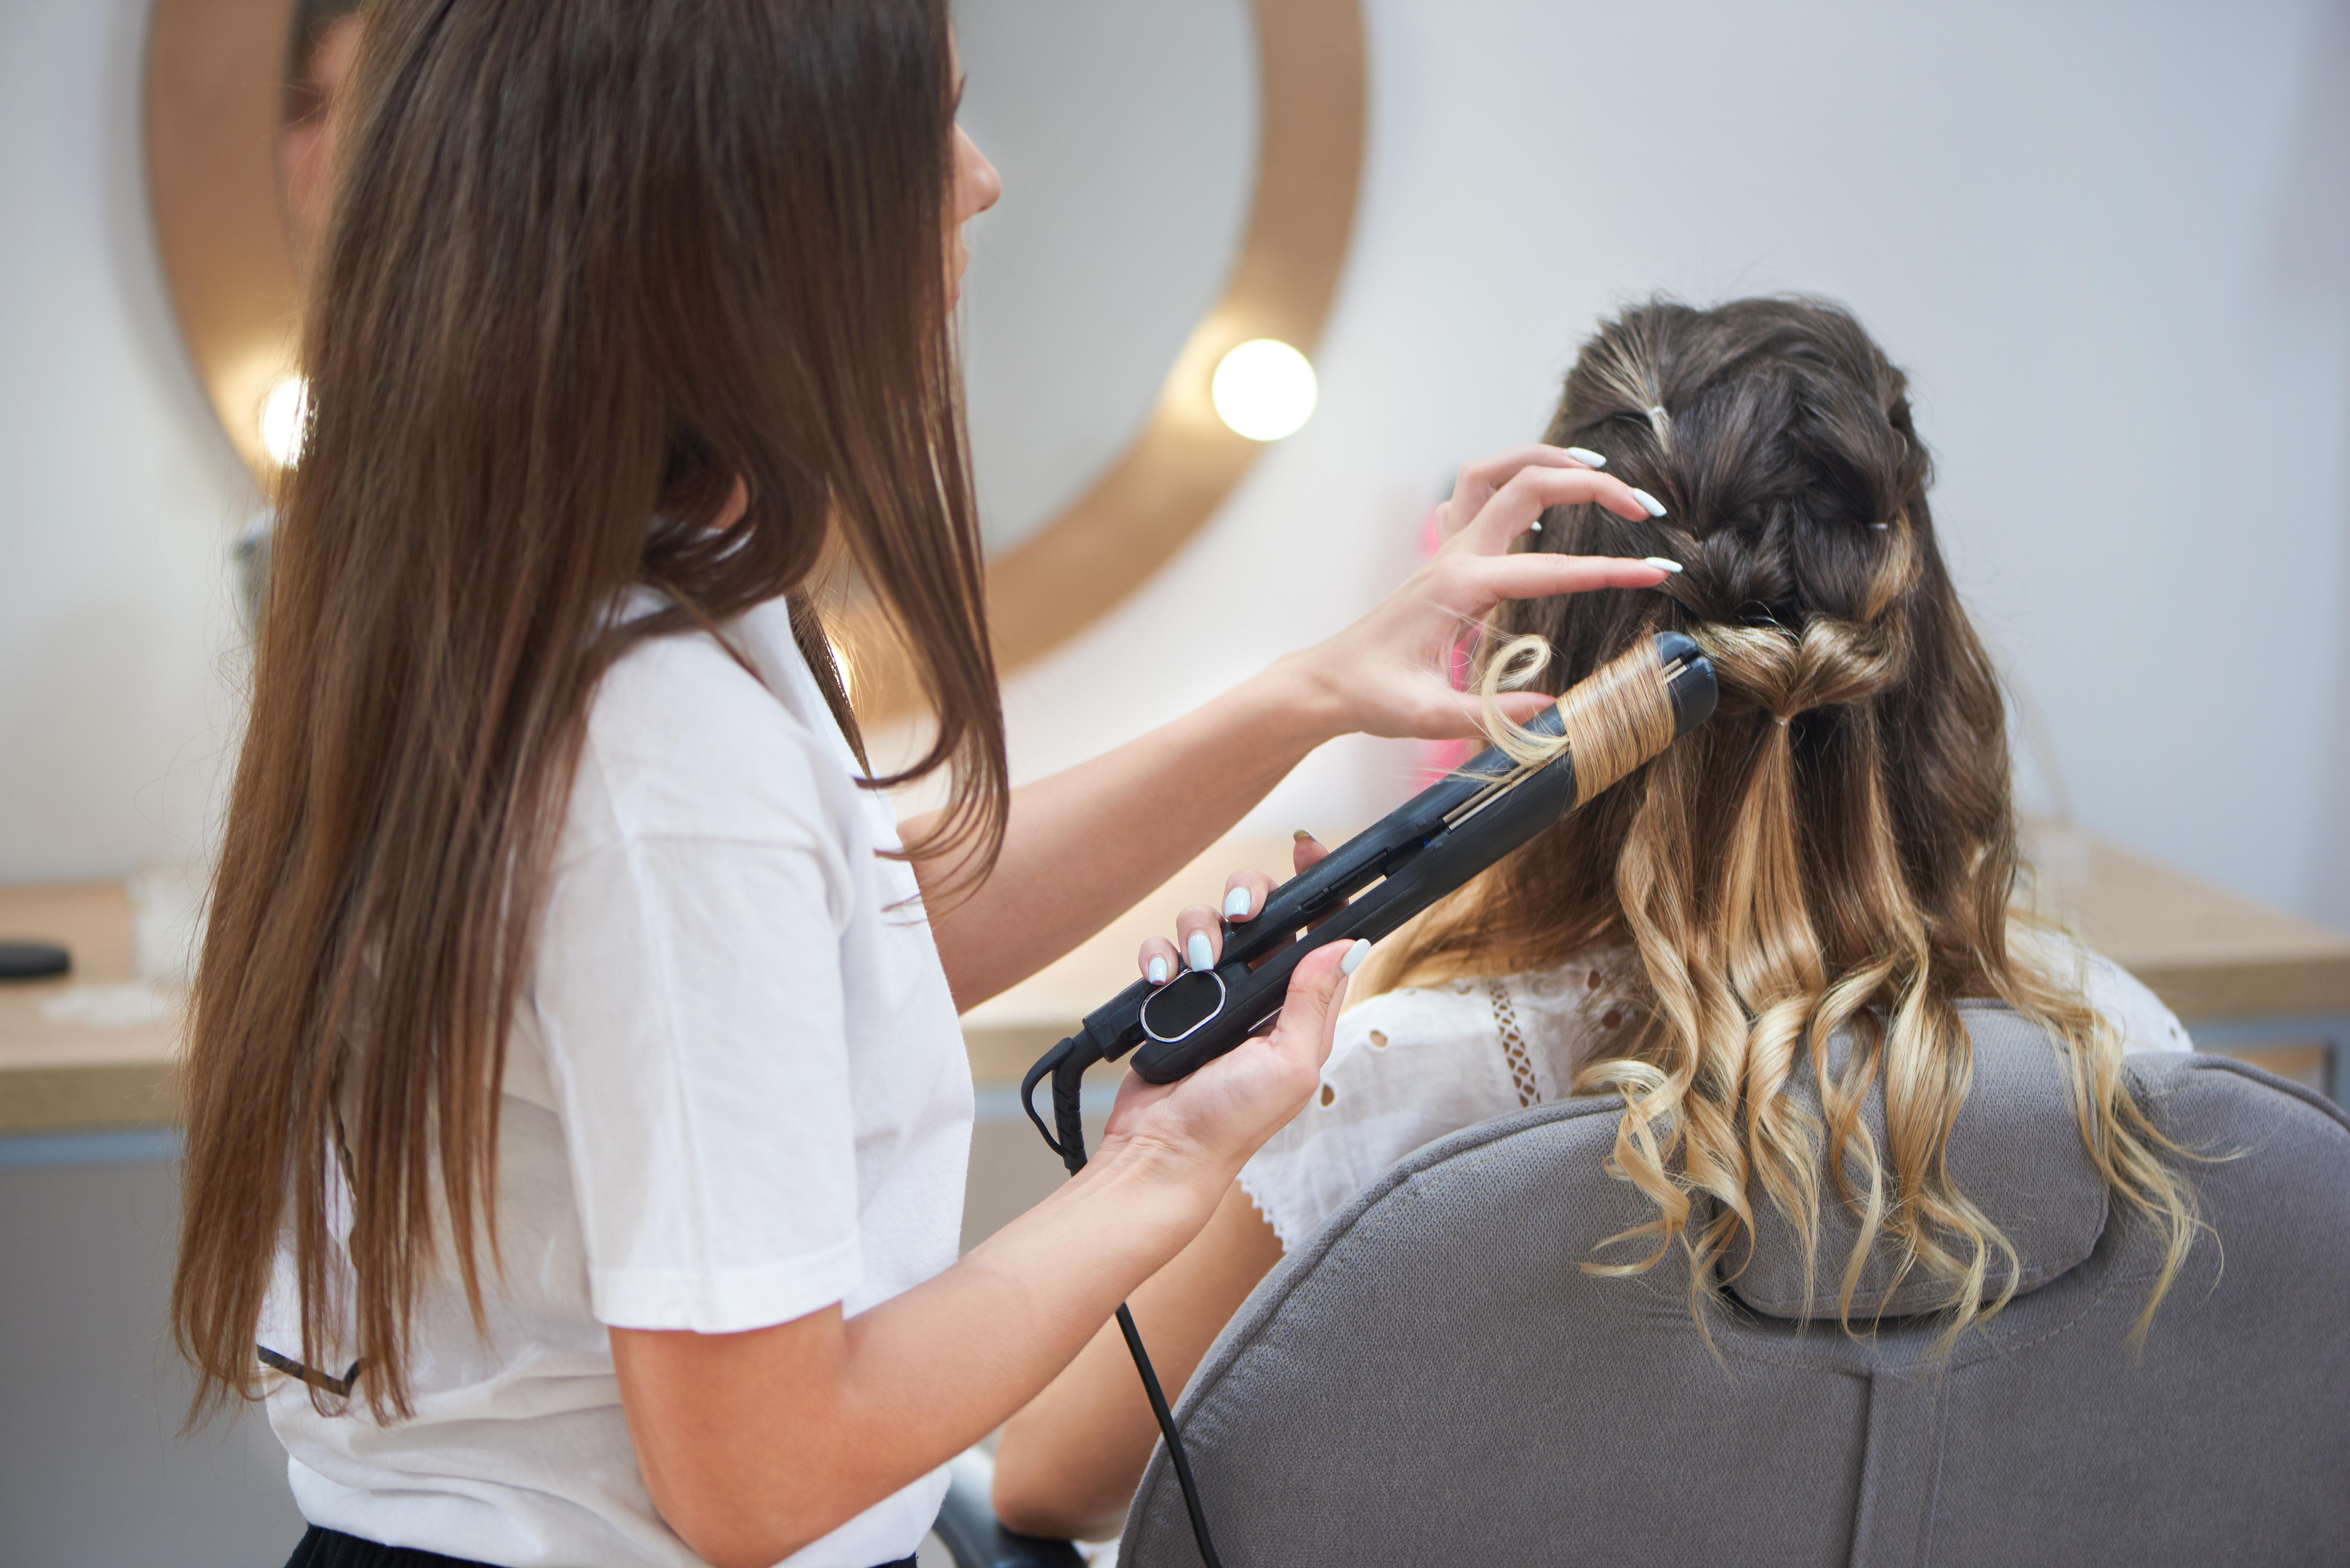 Saç şekillendiricilerini hangi sıklıkta kullanabilirsiniz #1